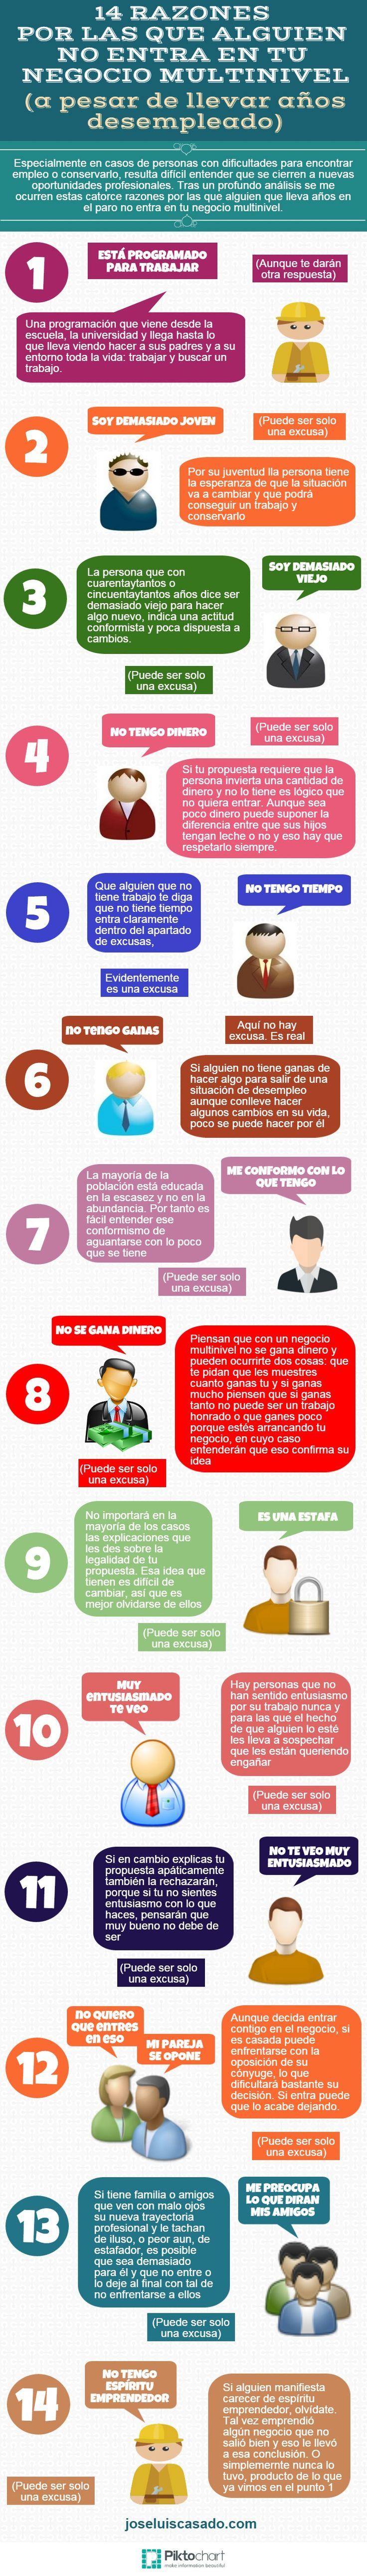 """14 Razones por las que alguien no entra en tu negocio #Multinivel. <Alt=""""14 razones por las que alguien no entra en tu negocio mutlinivel"""">"""